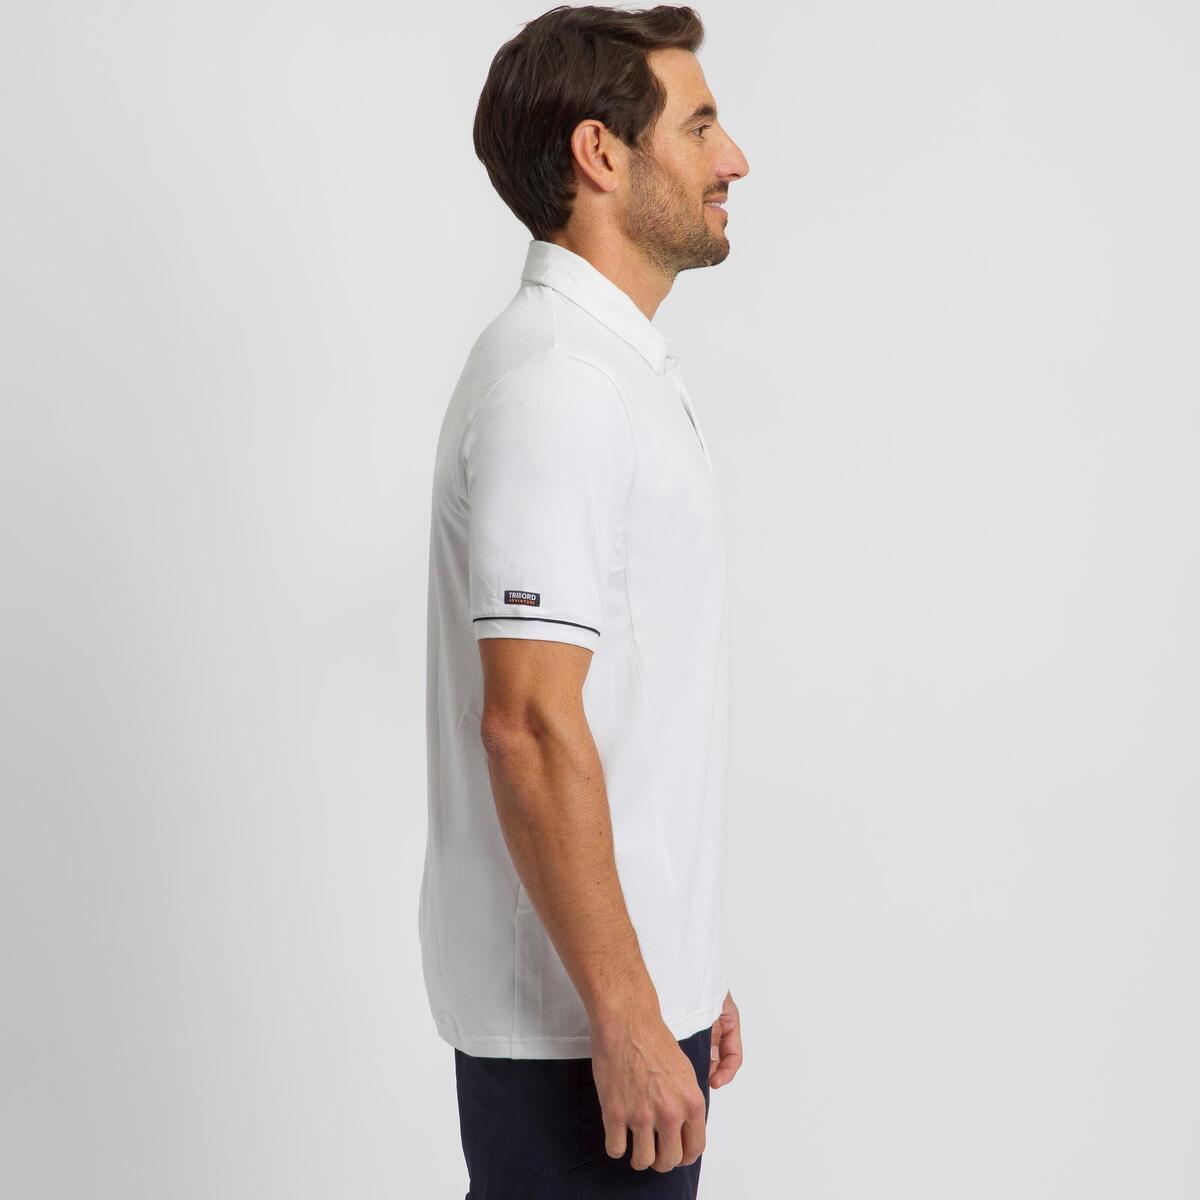 Bild 3 von Poloshirt kurzarm Sailing 100 Herren weiß